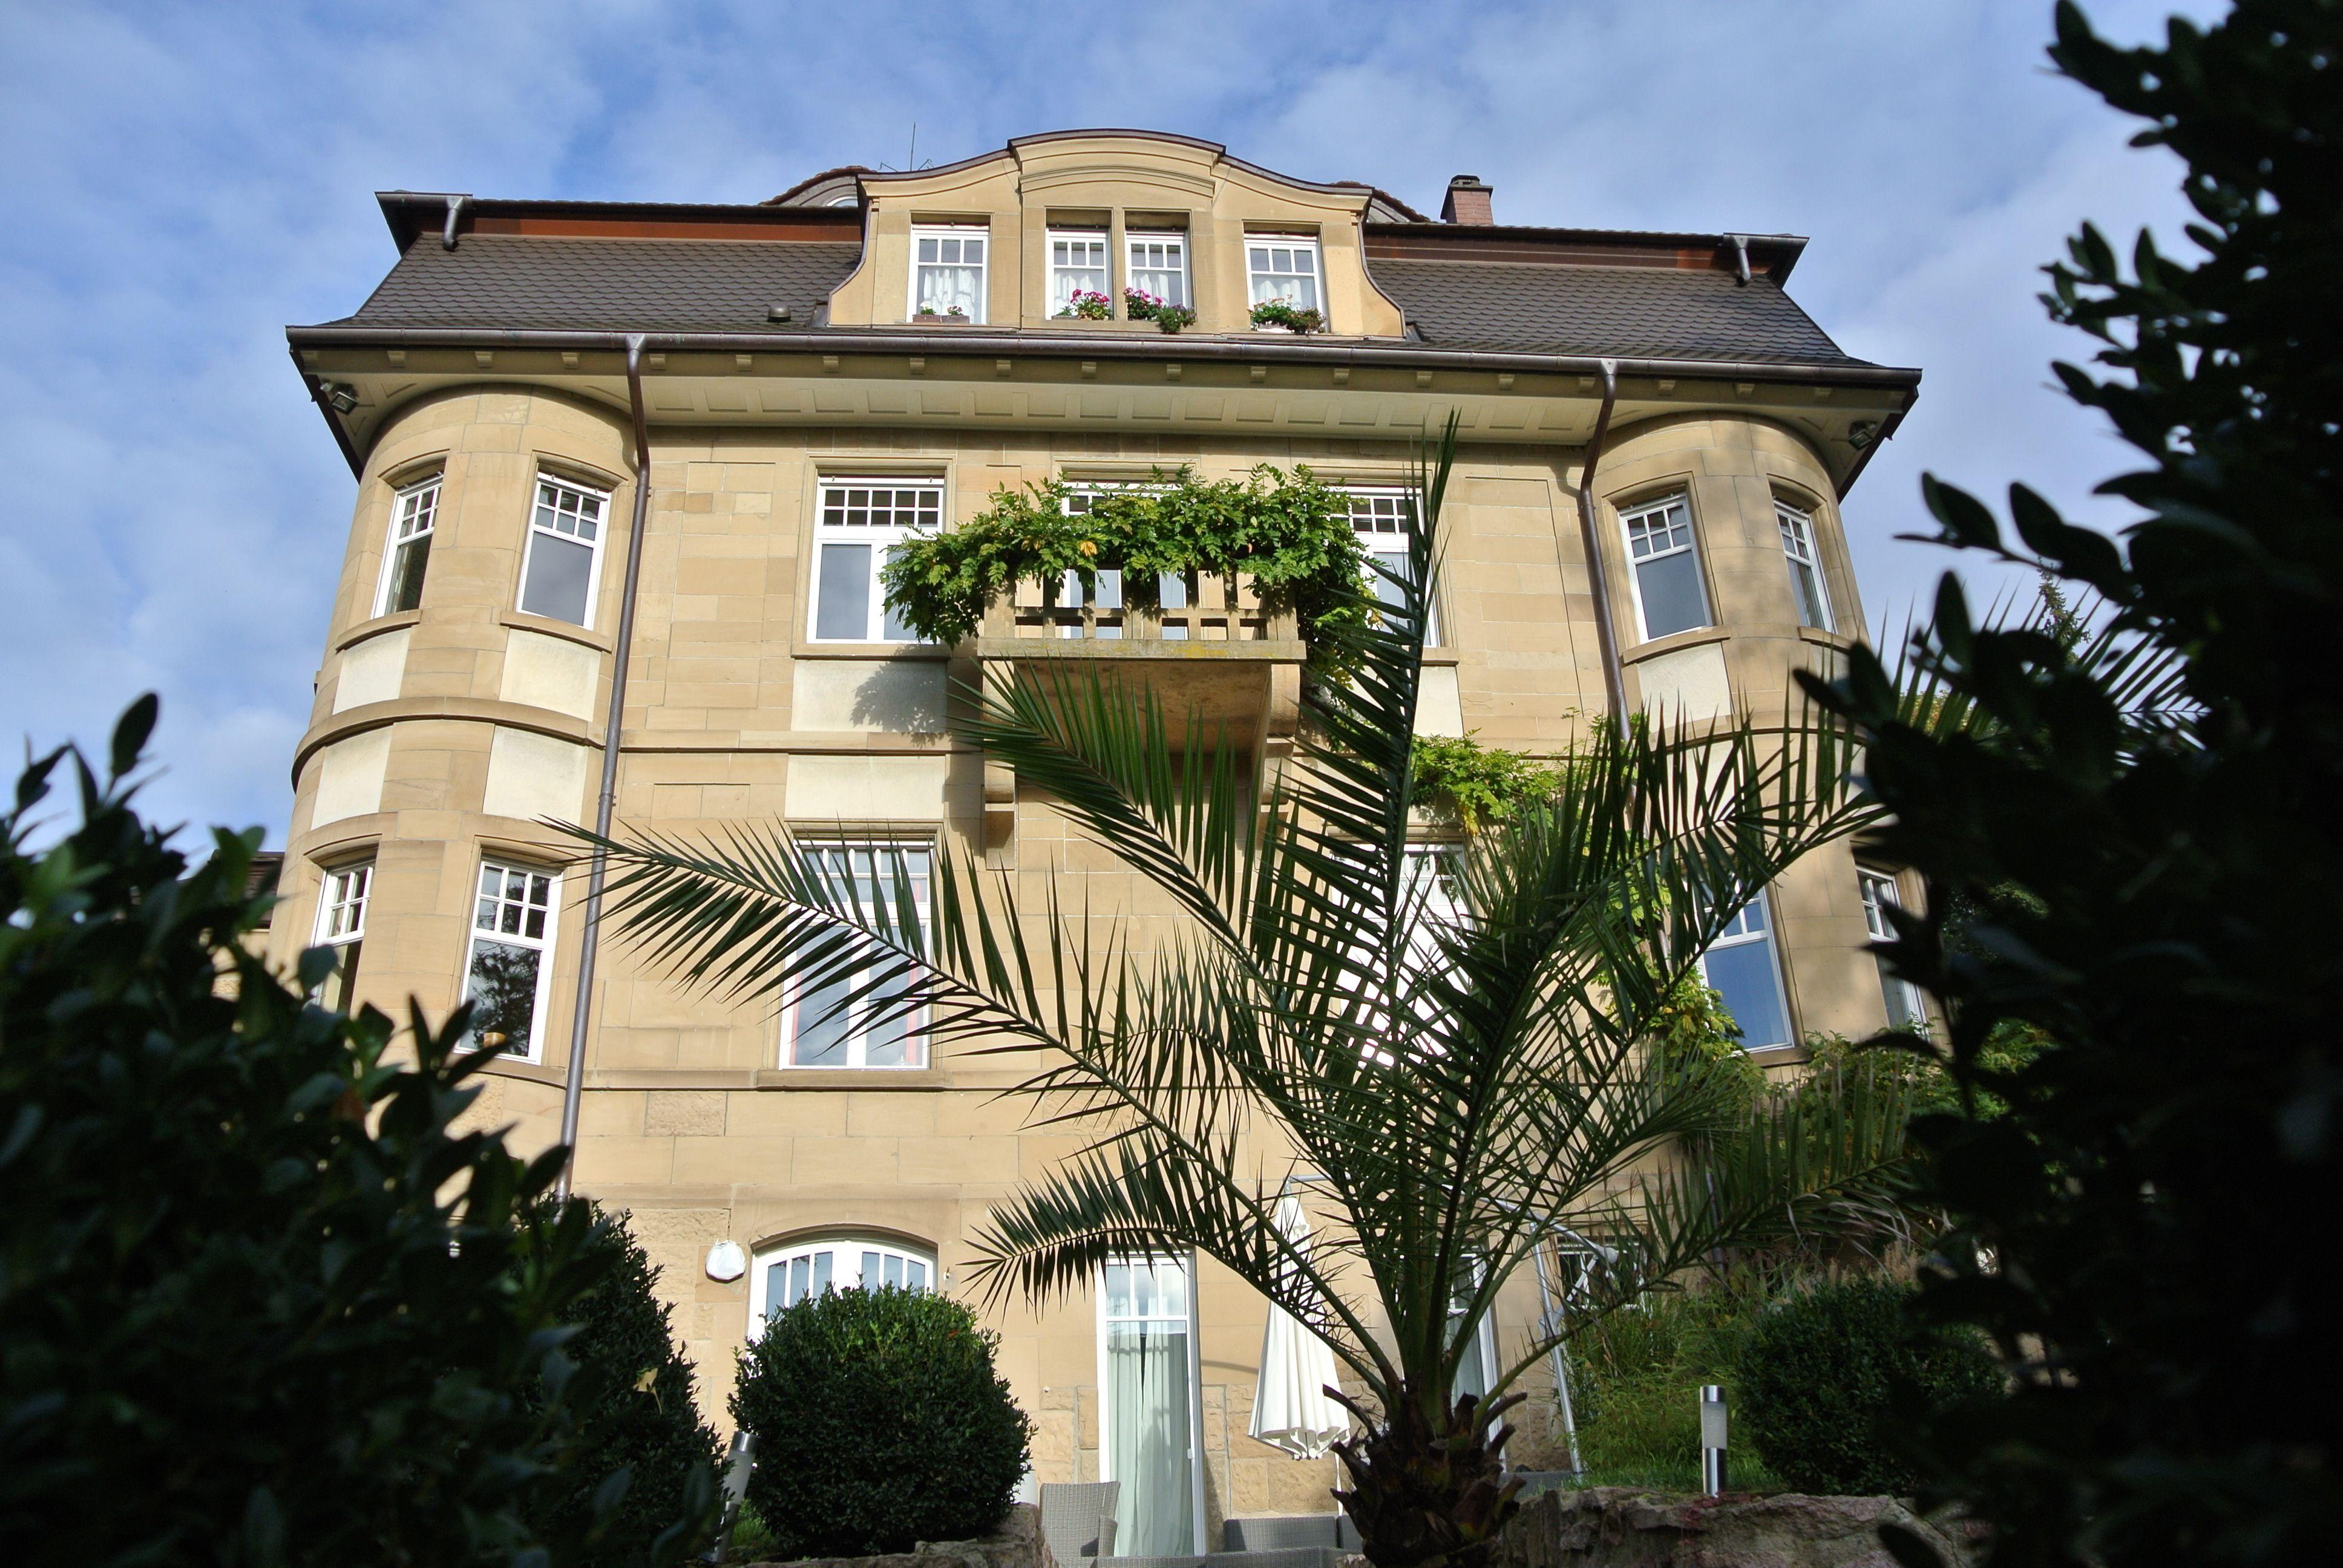 Alojamiento provisto en Baden-baden